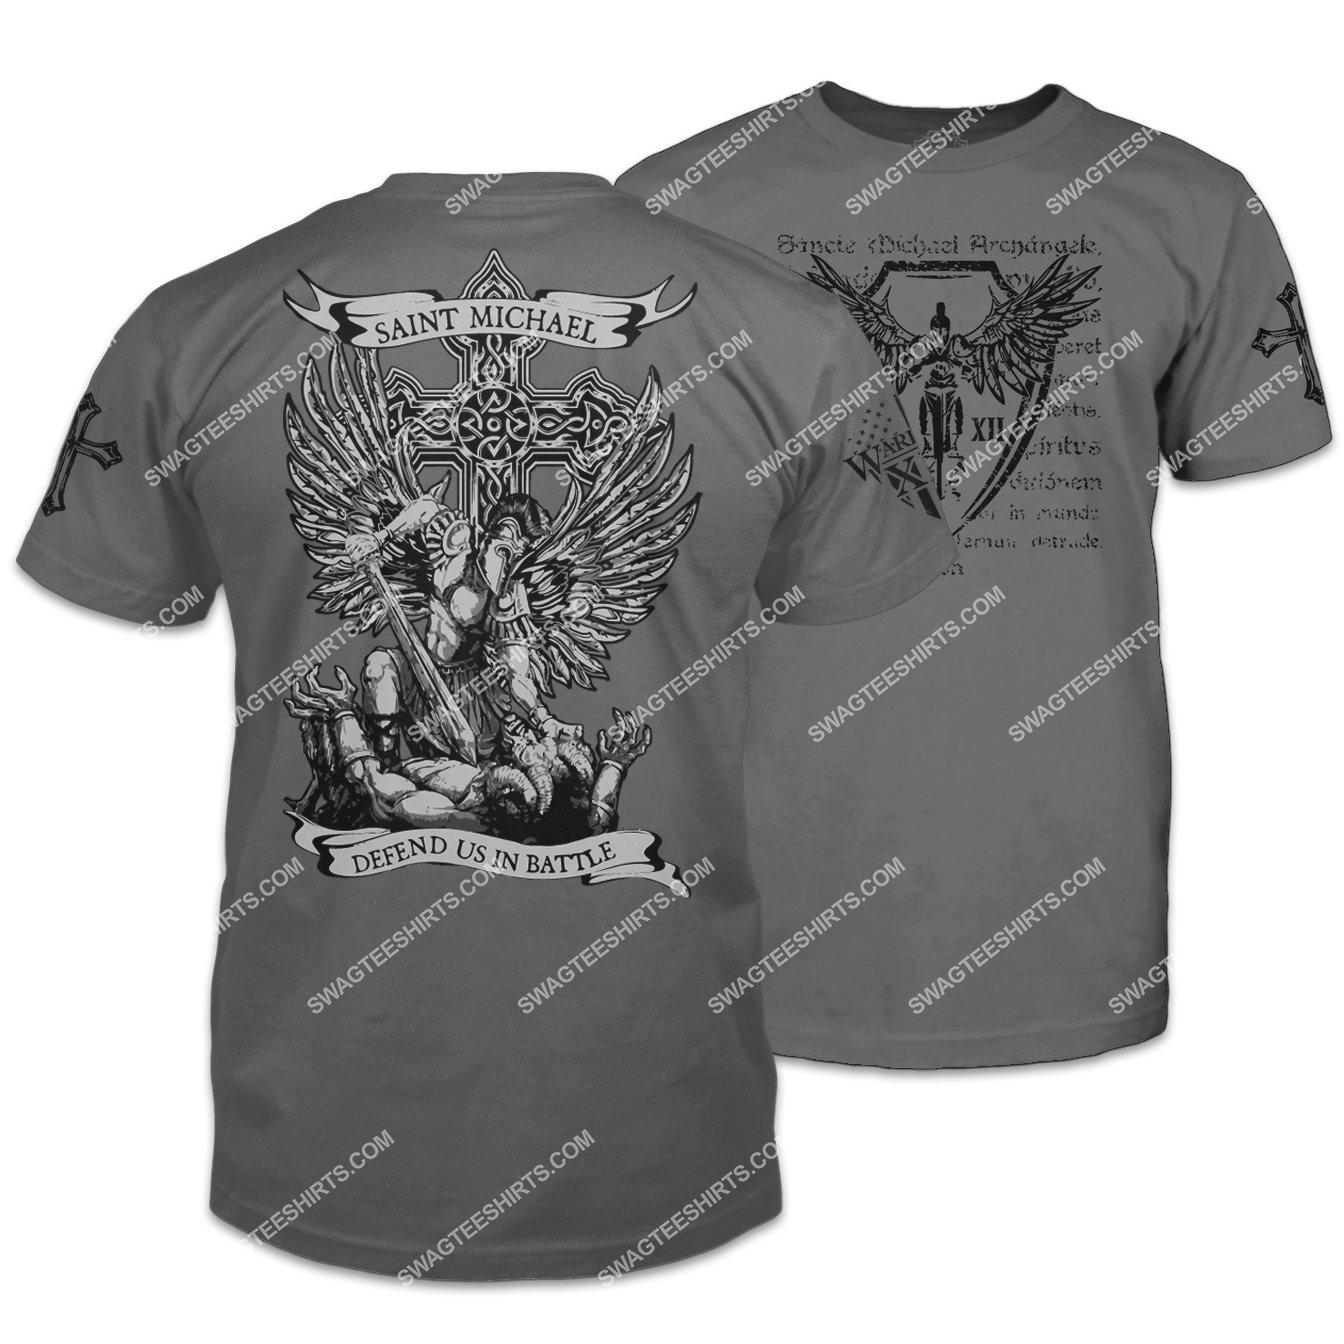 saint michael defend us in battle shirt 1 - Copy